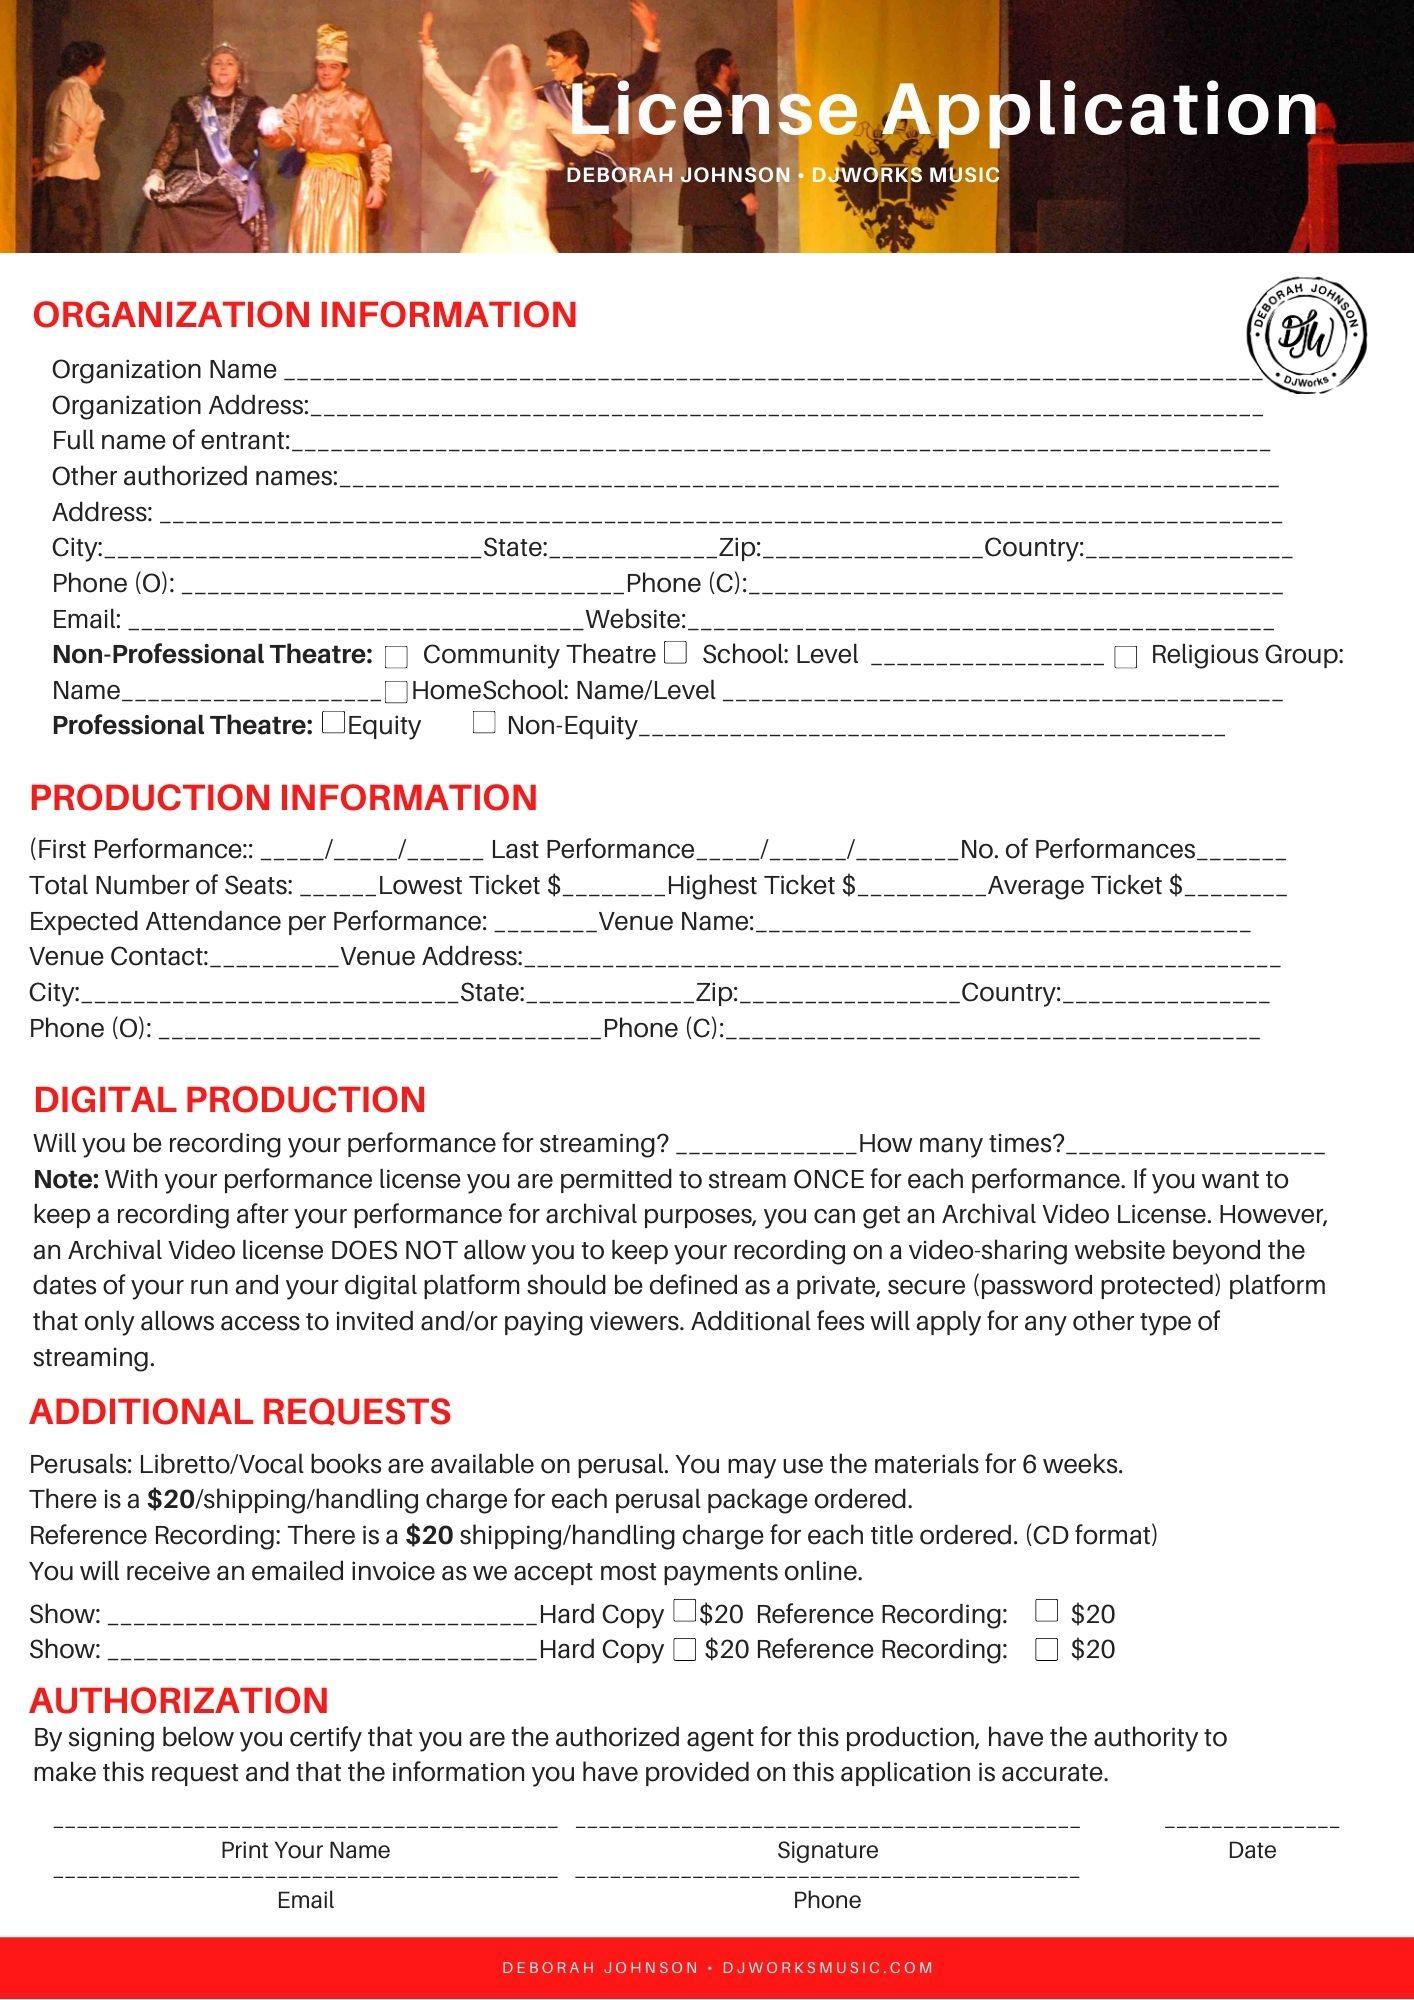 Musical License Form DJWorksMusic